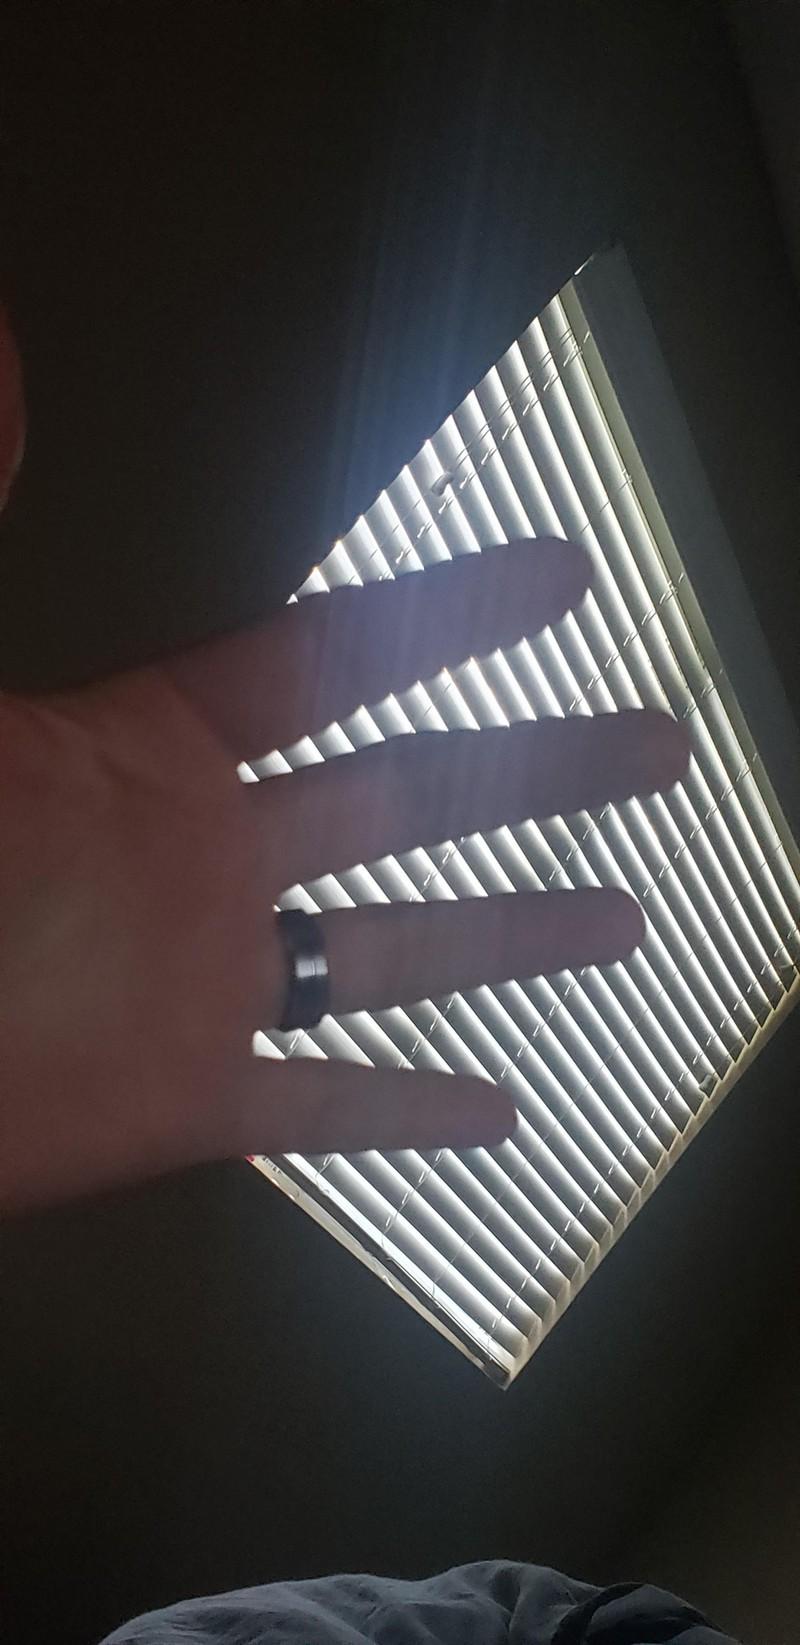 Finger, die gezackt aussehen, wenn man sie vor die Jalousie hält